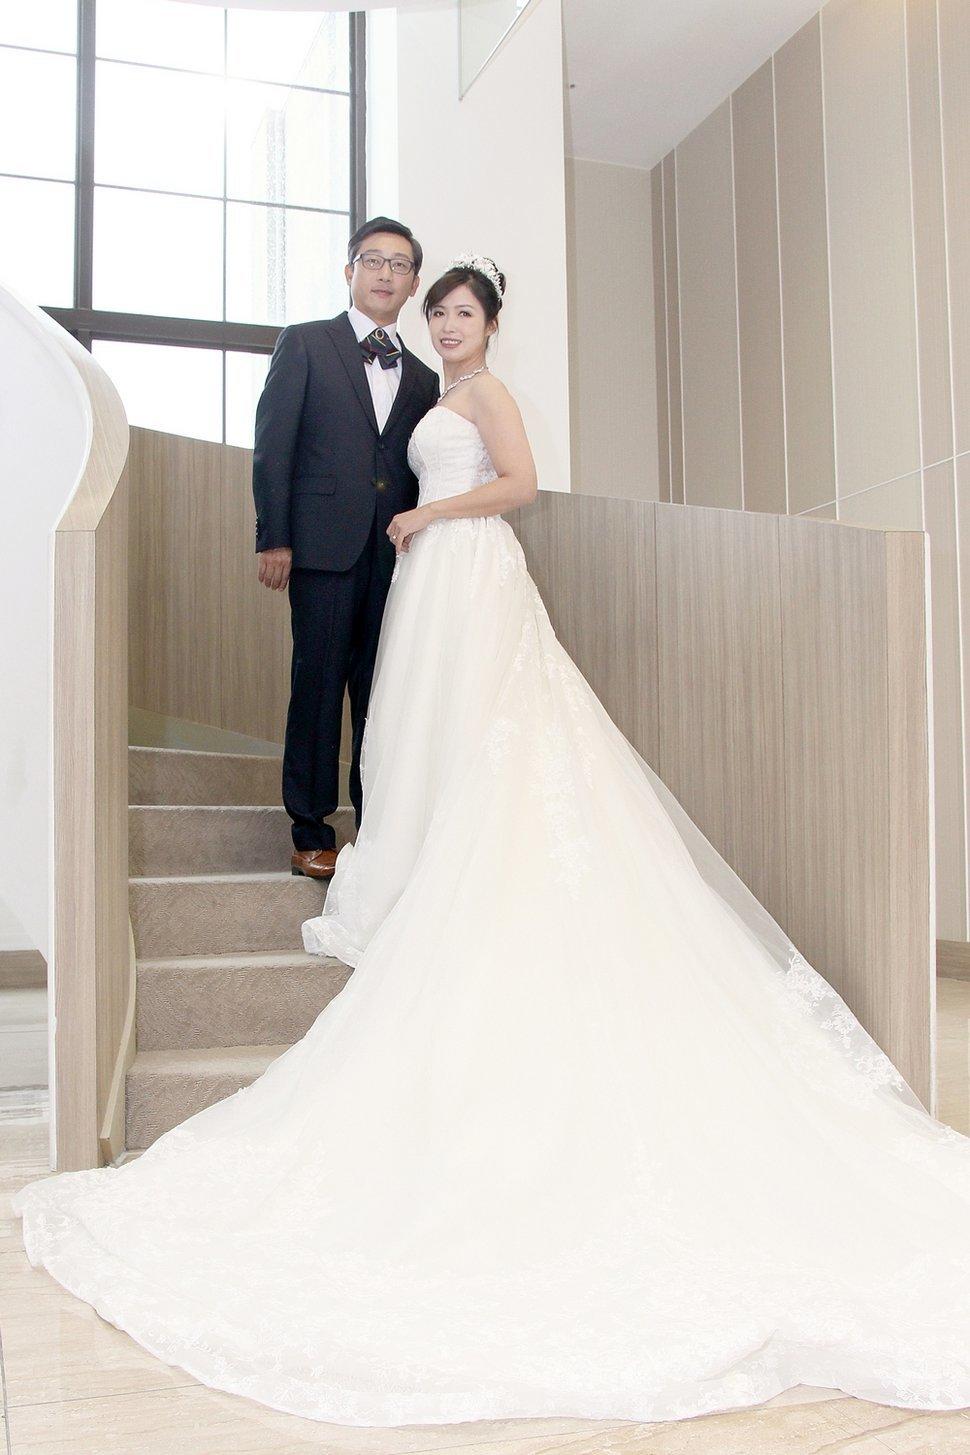 雅鈴&文偉(單午宴)(編號:431210) - 瑞比婚禮紀錄攝影 - 結婚吧一站式婚禮服務平台